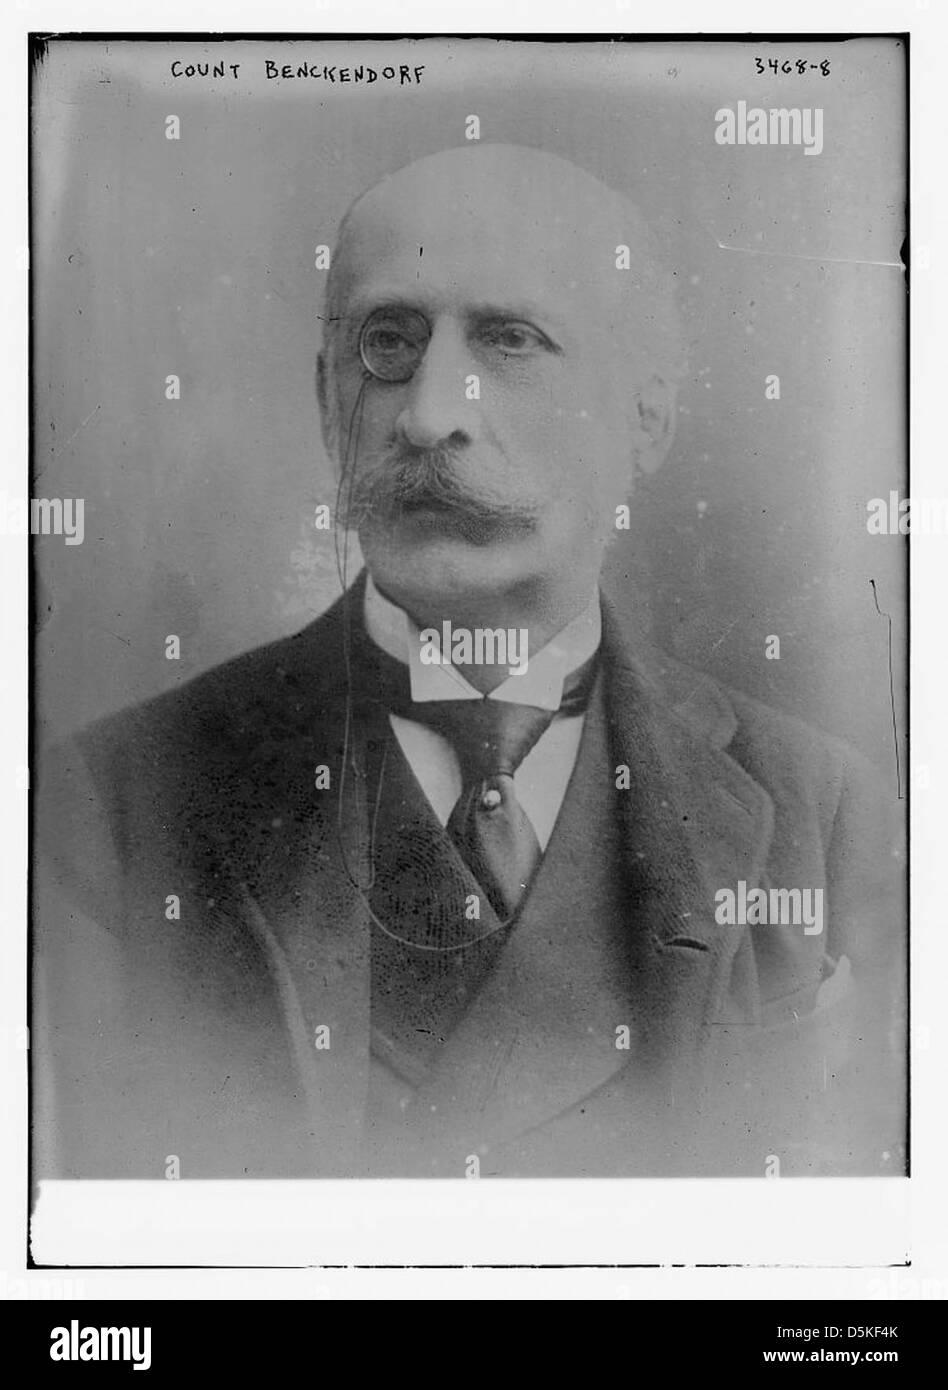 Man Bald Dc Stock Photos & Man Bald Dc Stock Images - Alamy